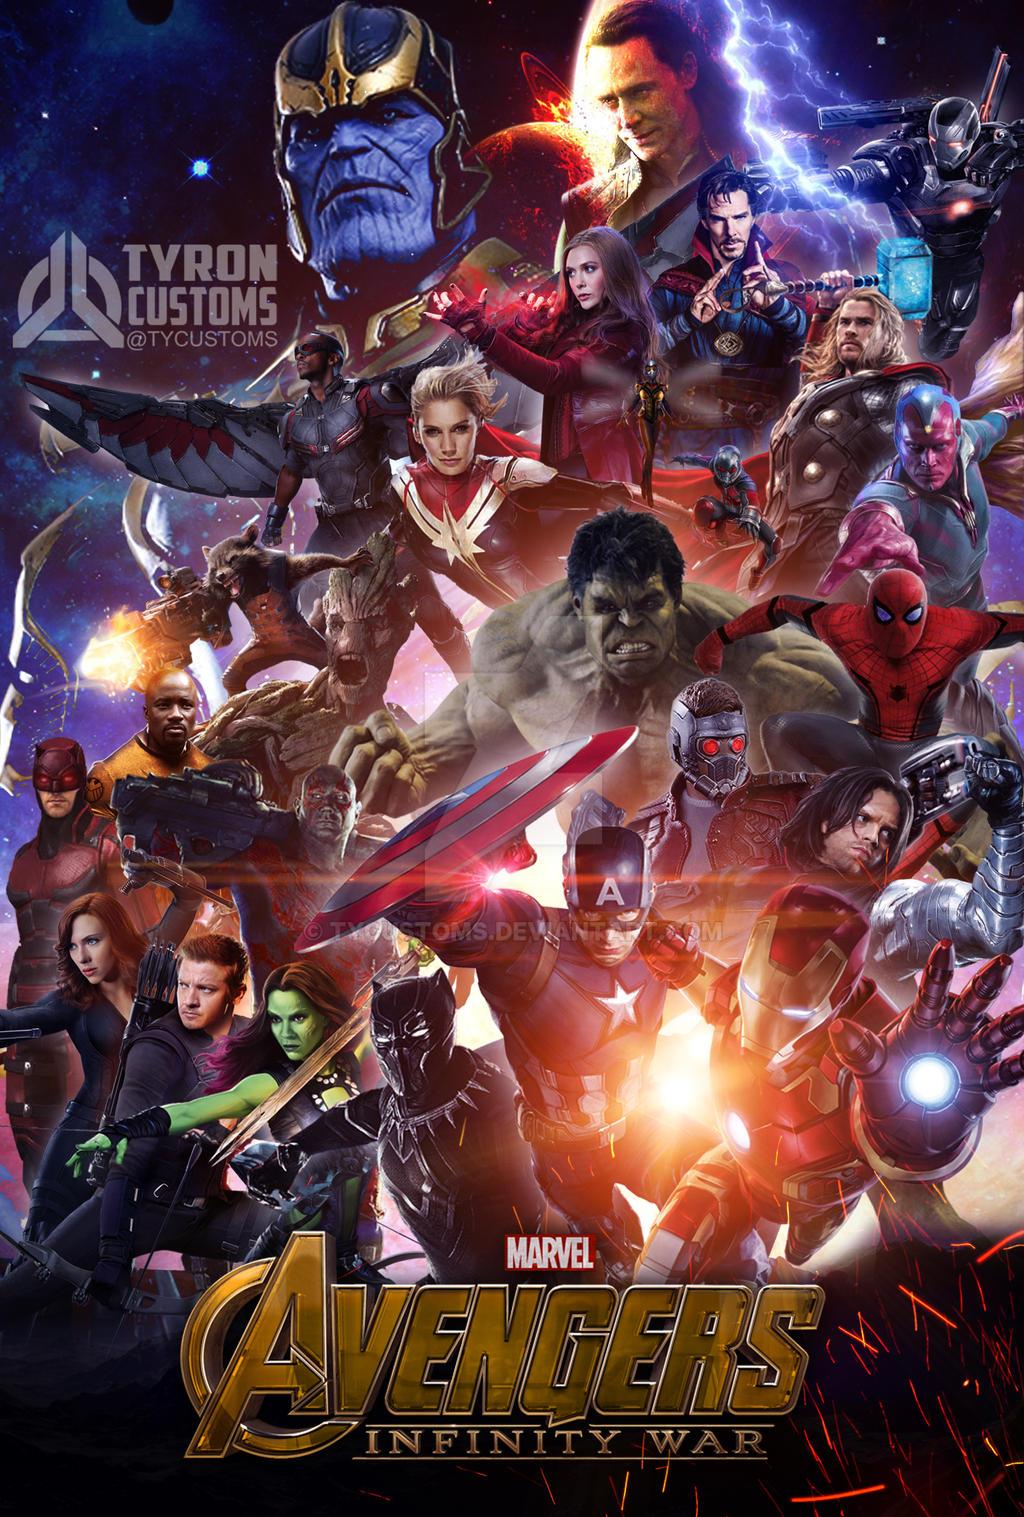 Avengers Infinity War 2018 Fan Art By Tycustoms On Deviantart